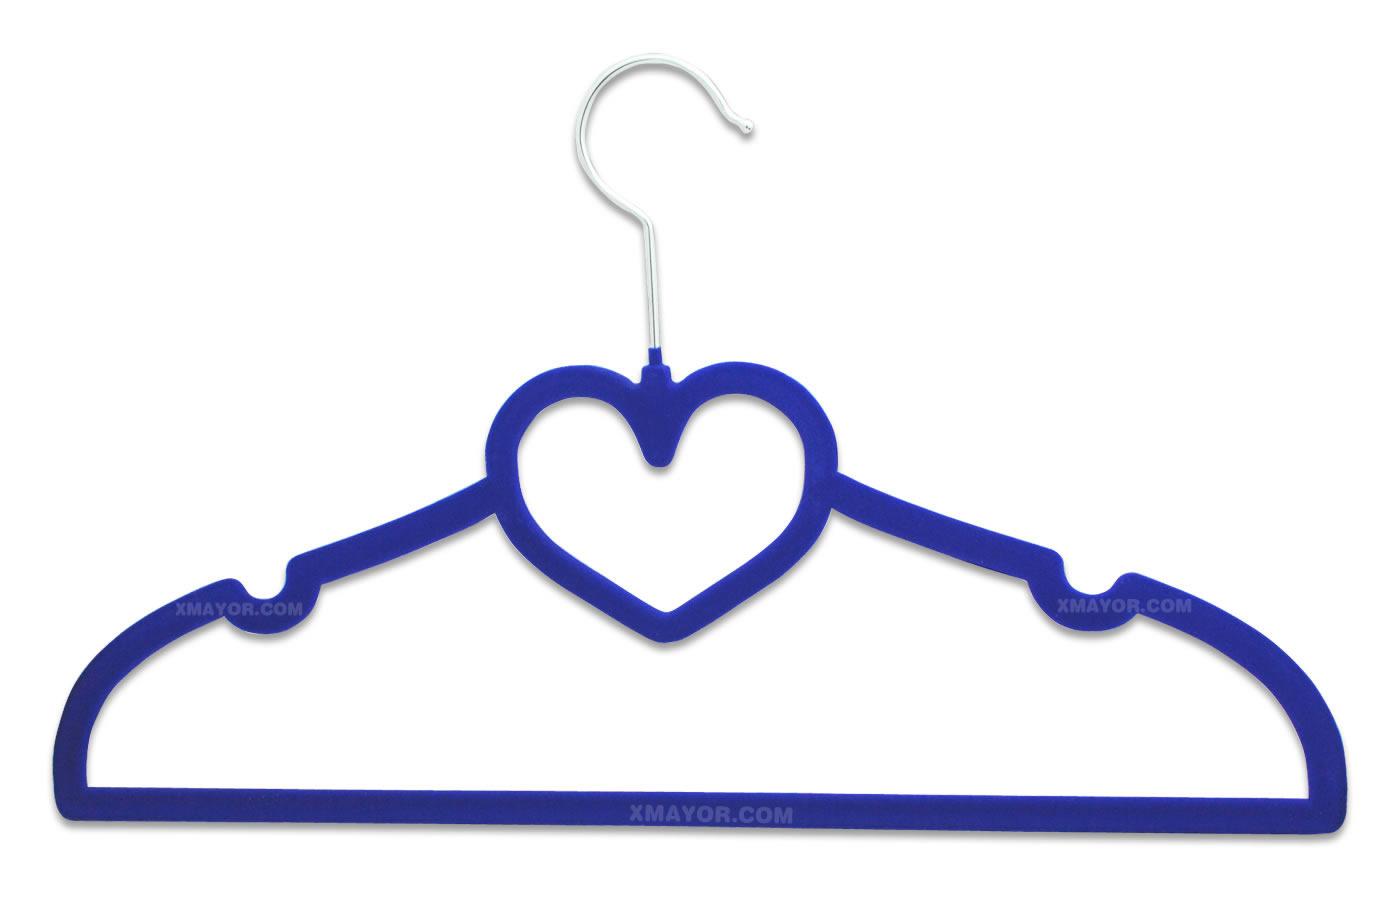 Colgadores para ropa per venta de colgadores de ropa al - Colgador de tela con bolsillos ...